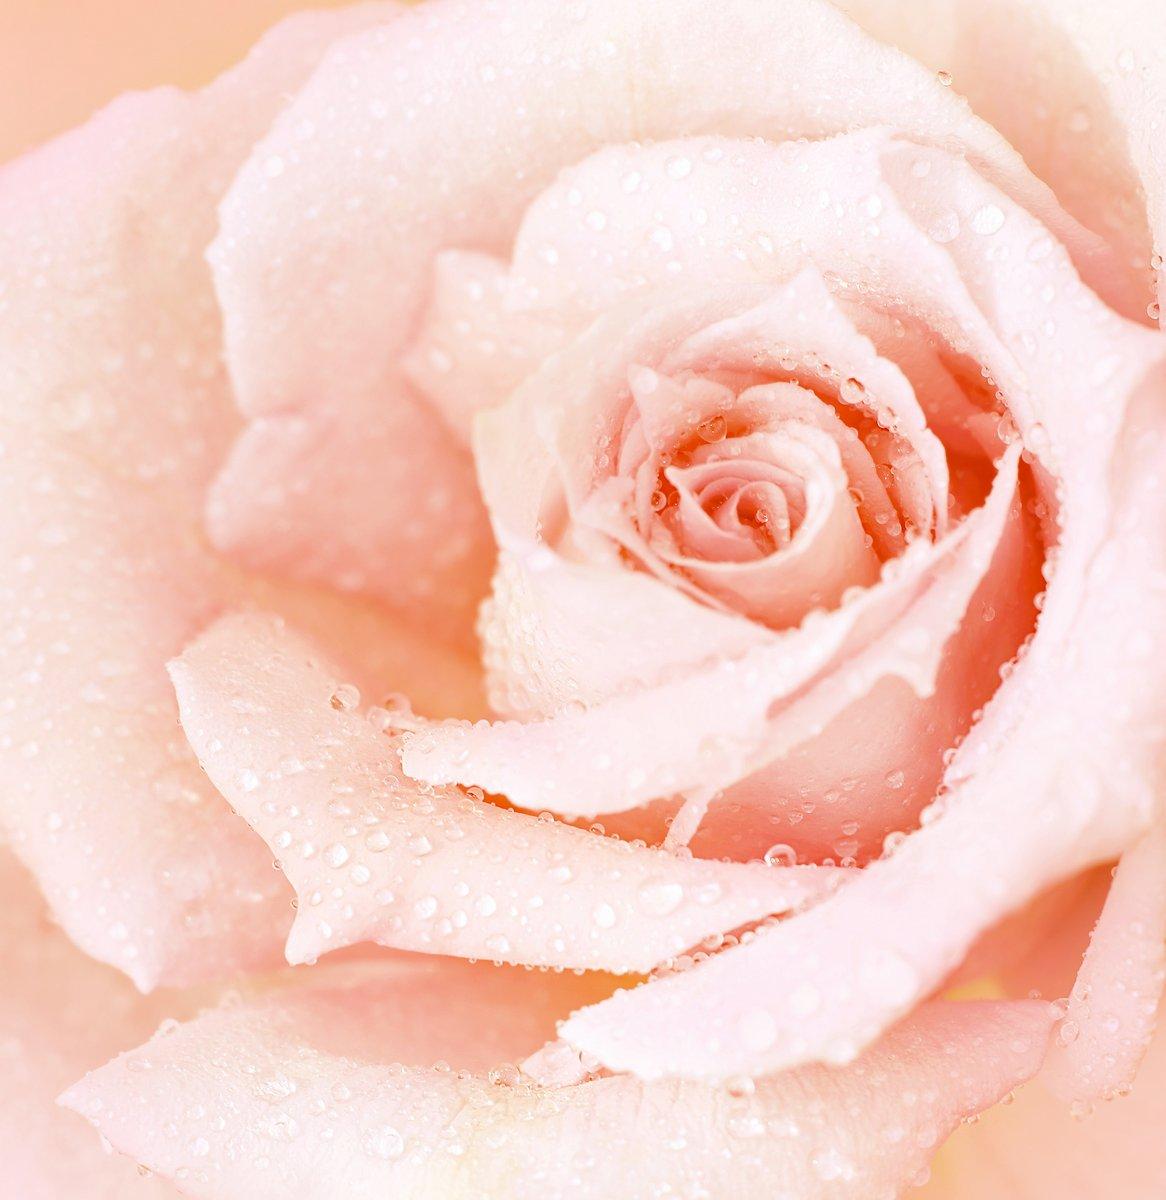 Постер Розы Розовые влажные розы фонРозы<br>Постер на холсте или бумаге. Любого нужного вам размера. В раме или без. Подвес в комплекте. Трехслойная надежная упаковка. Доставим в любую точку России. Вам осталось только повесить картину на стену!<br>